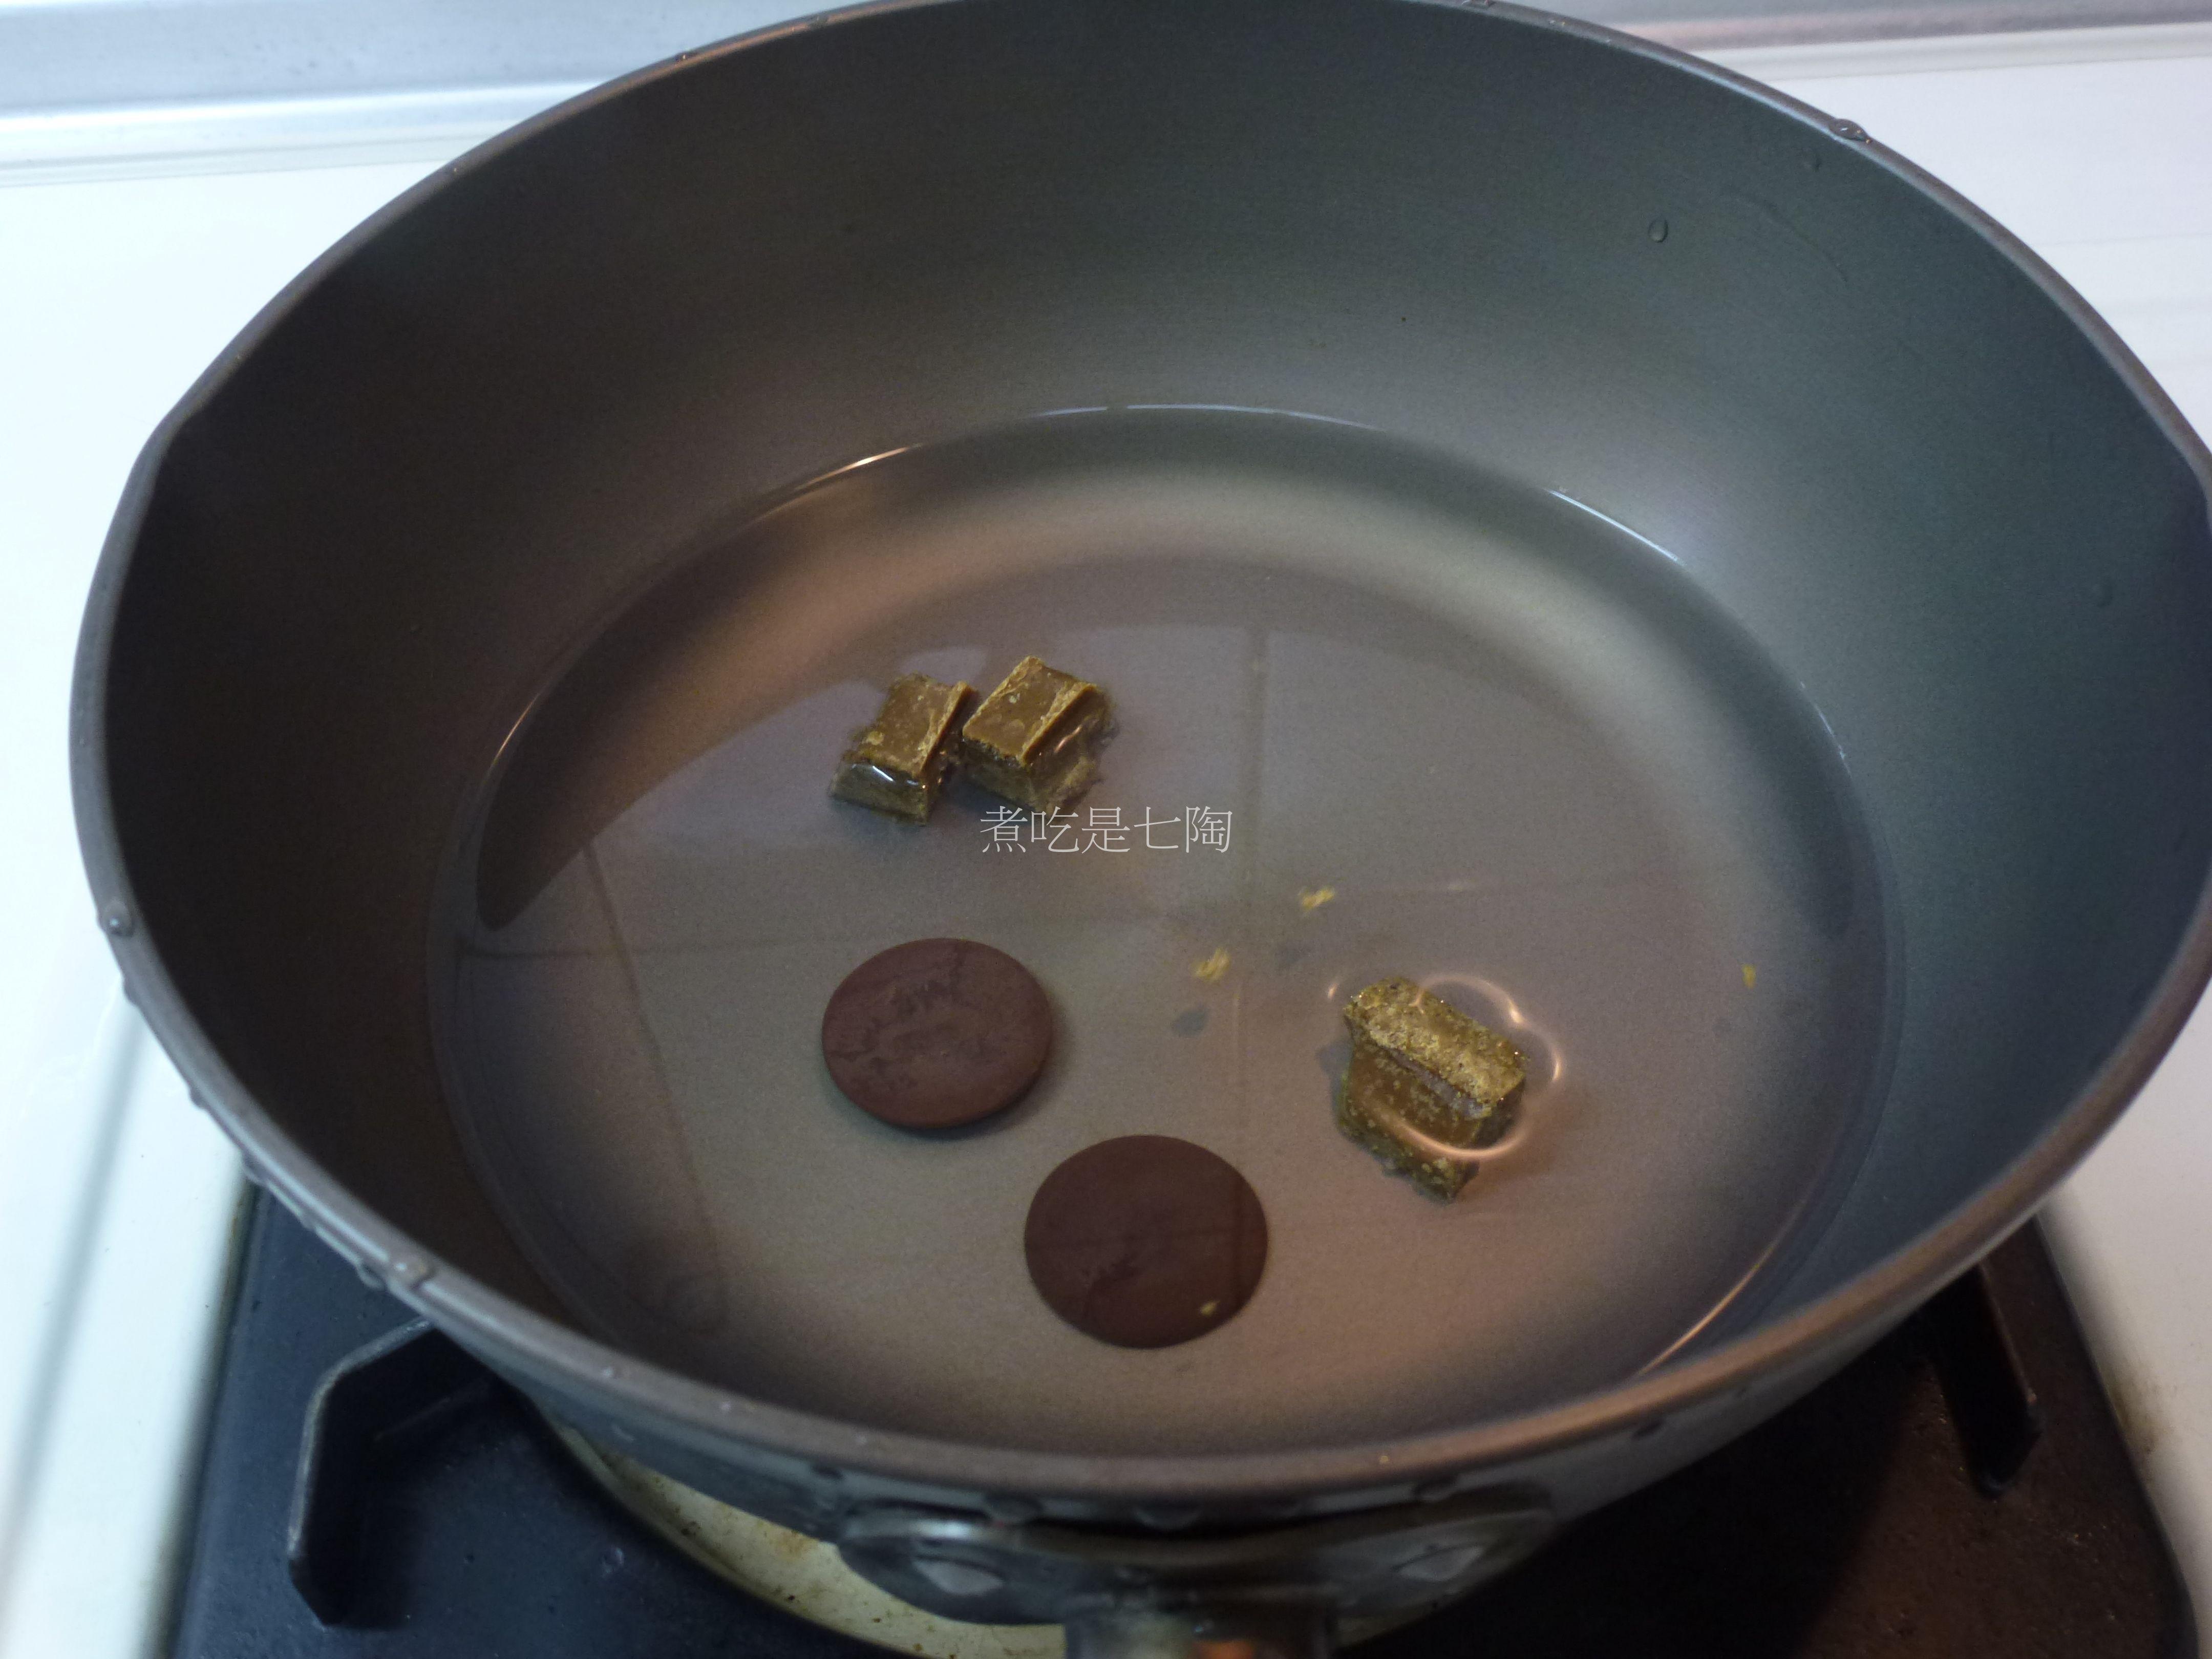 一鍋咖哩、一碗飯、一道菜、一盤水果、一杯湯,滿足~的第 15 張圖片